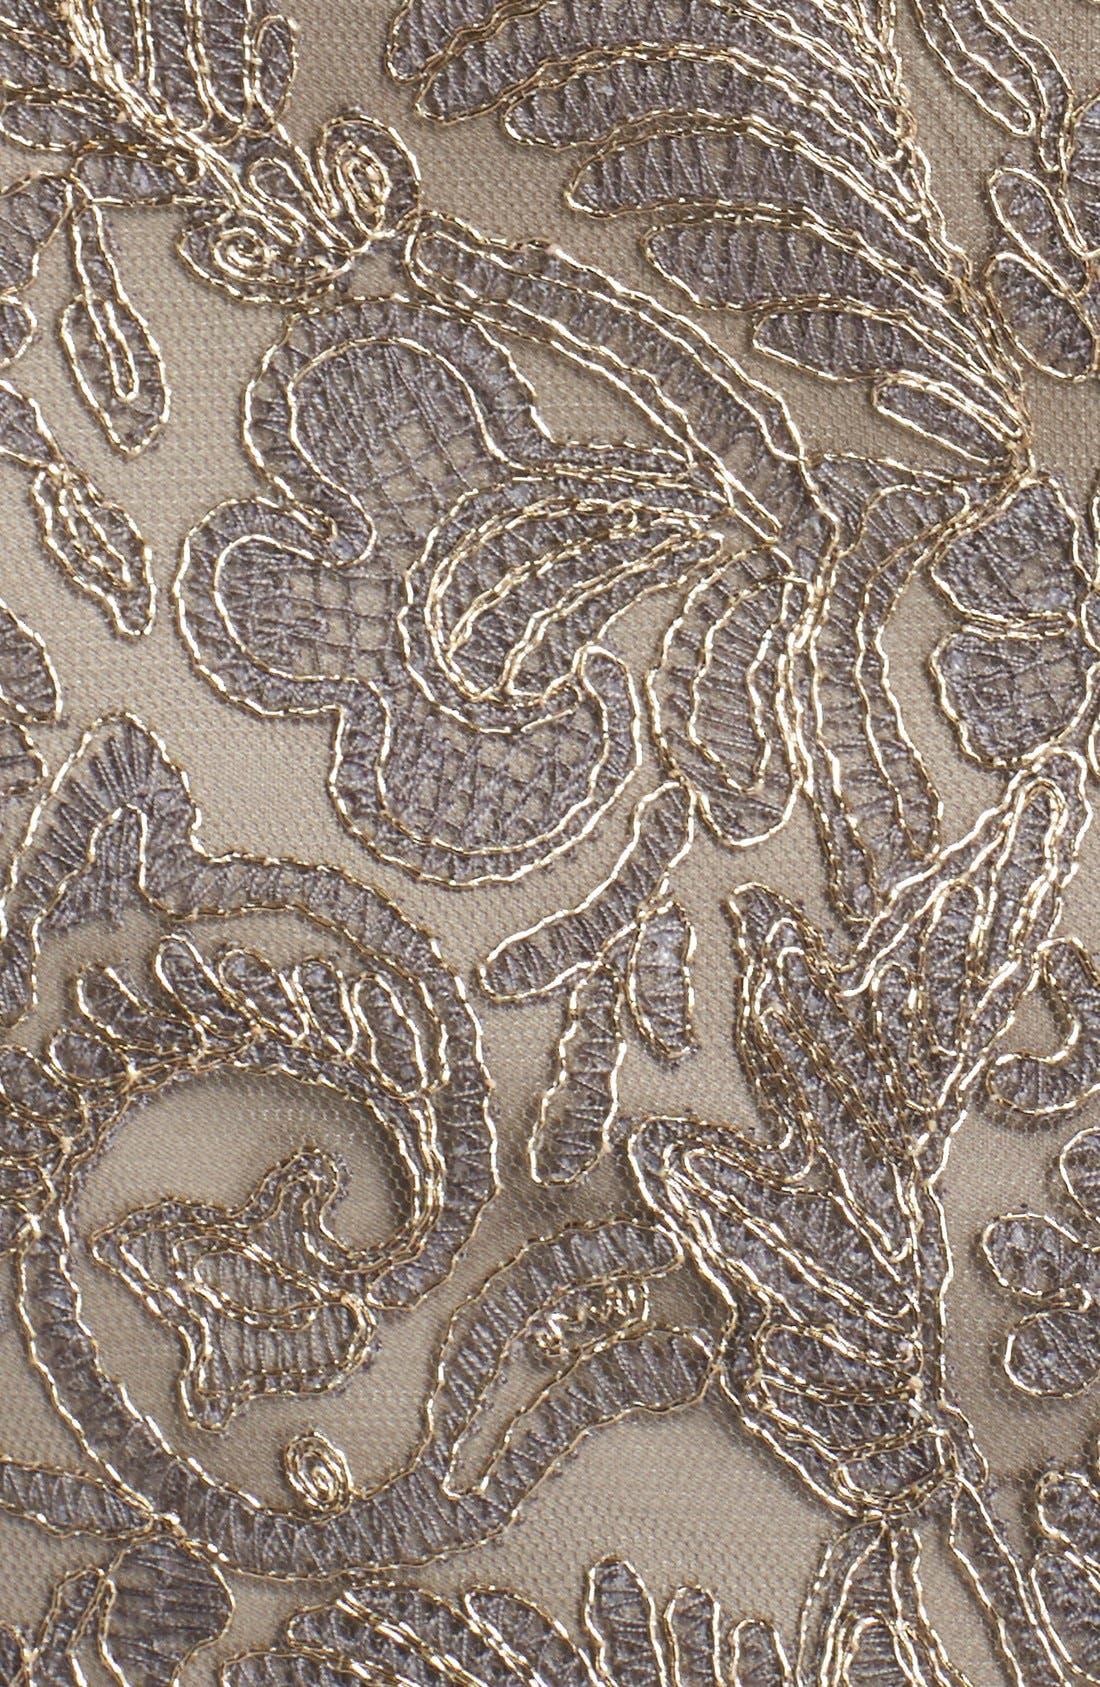 Illusion Yoke Lace Sheath Dress,                             Alternate thumbnail 66, color,